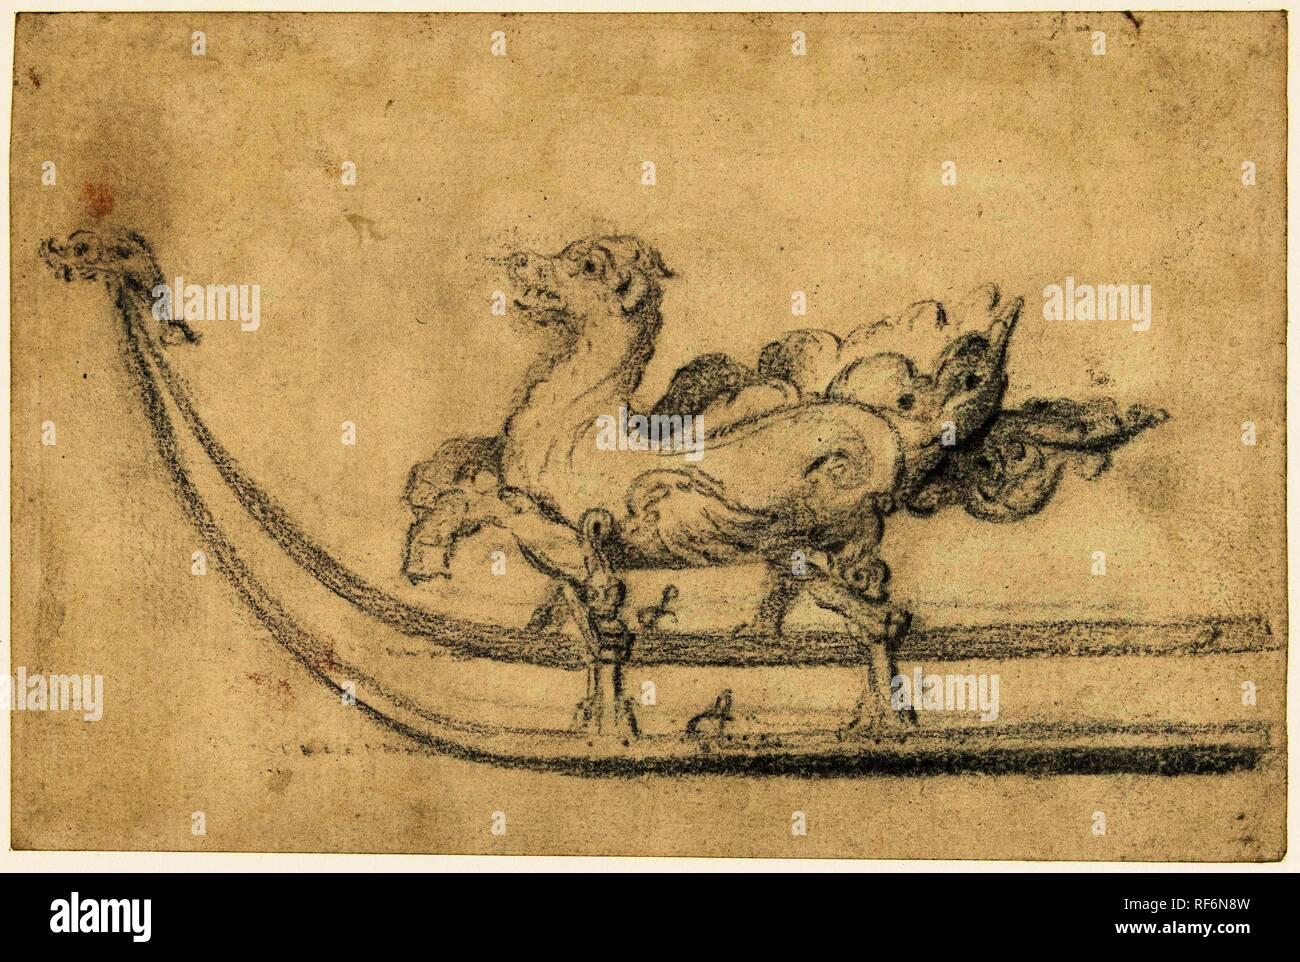 Dating Dragon Alter 2 Dating-Technik mit dem Vergleich von Fossilien